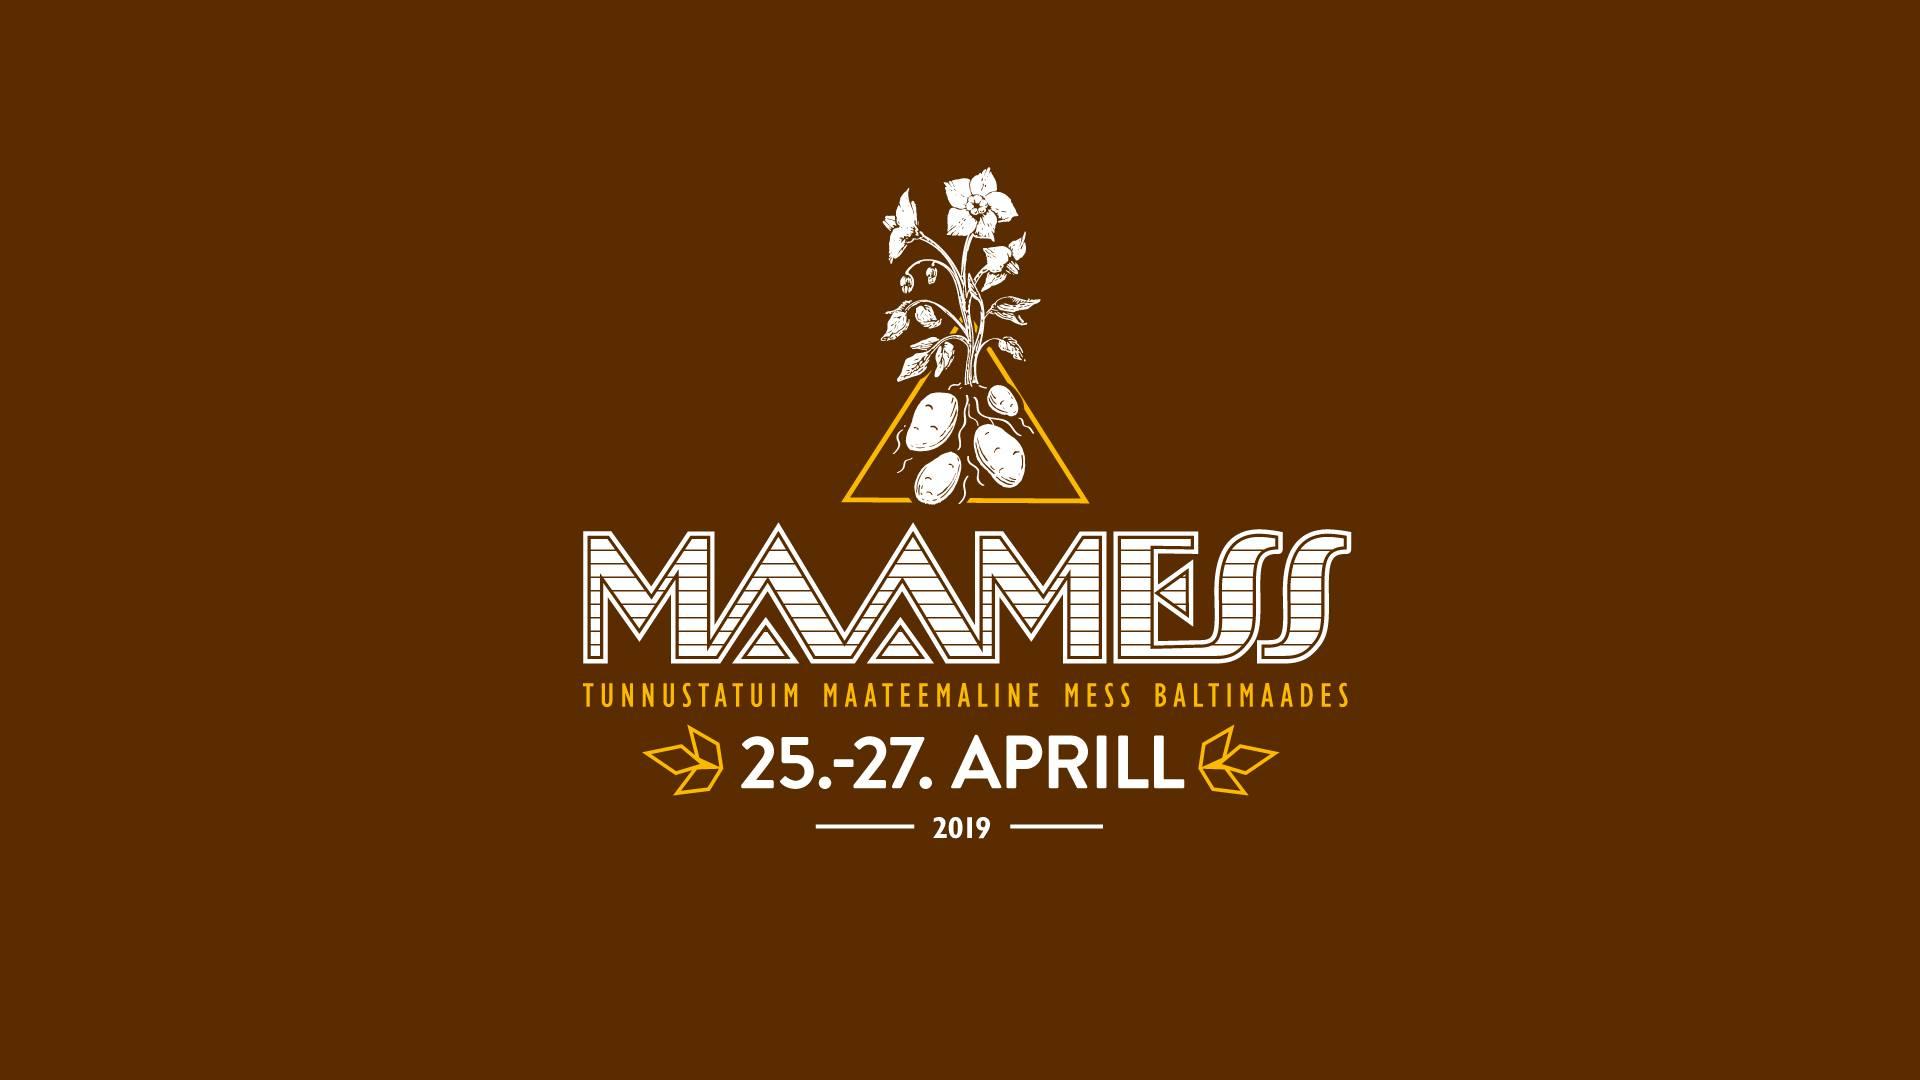 OrganiQ на выставке MAAMESS 2019 в Тарту, Эстония